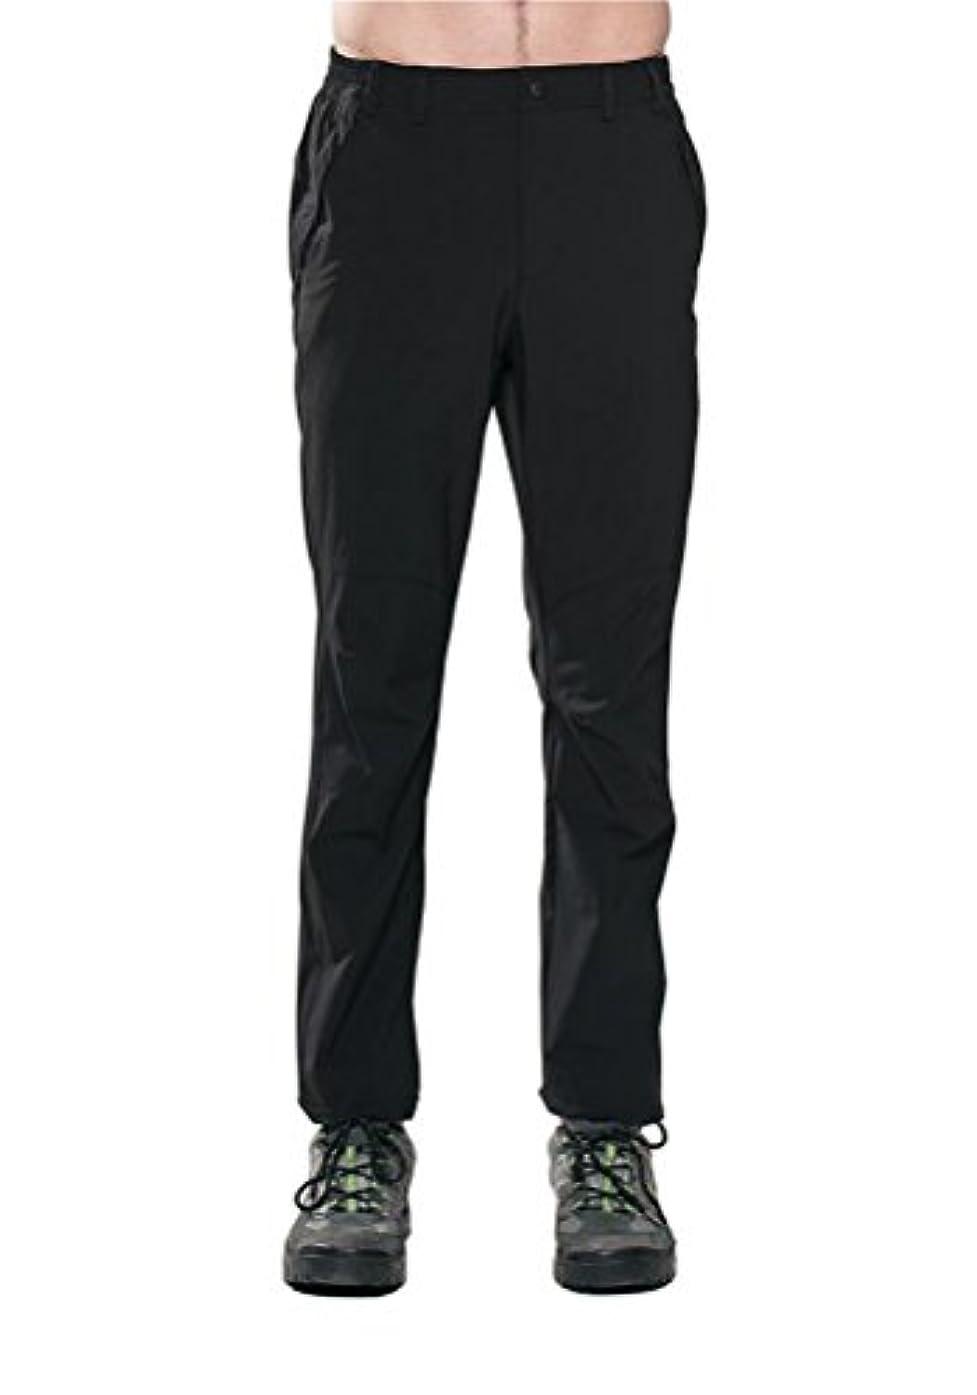 インゲン手を差し伸べるジャンプするKyphtem メンズ 夏用 アウトドア 速乾 通気 薄手 スリム ストレッチ トレッキングパンツ 登山用パンツ ロングパンツ スポーツパンツ